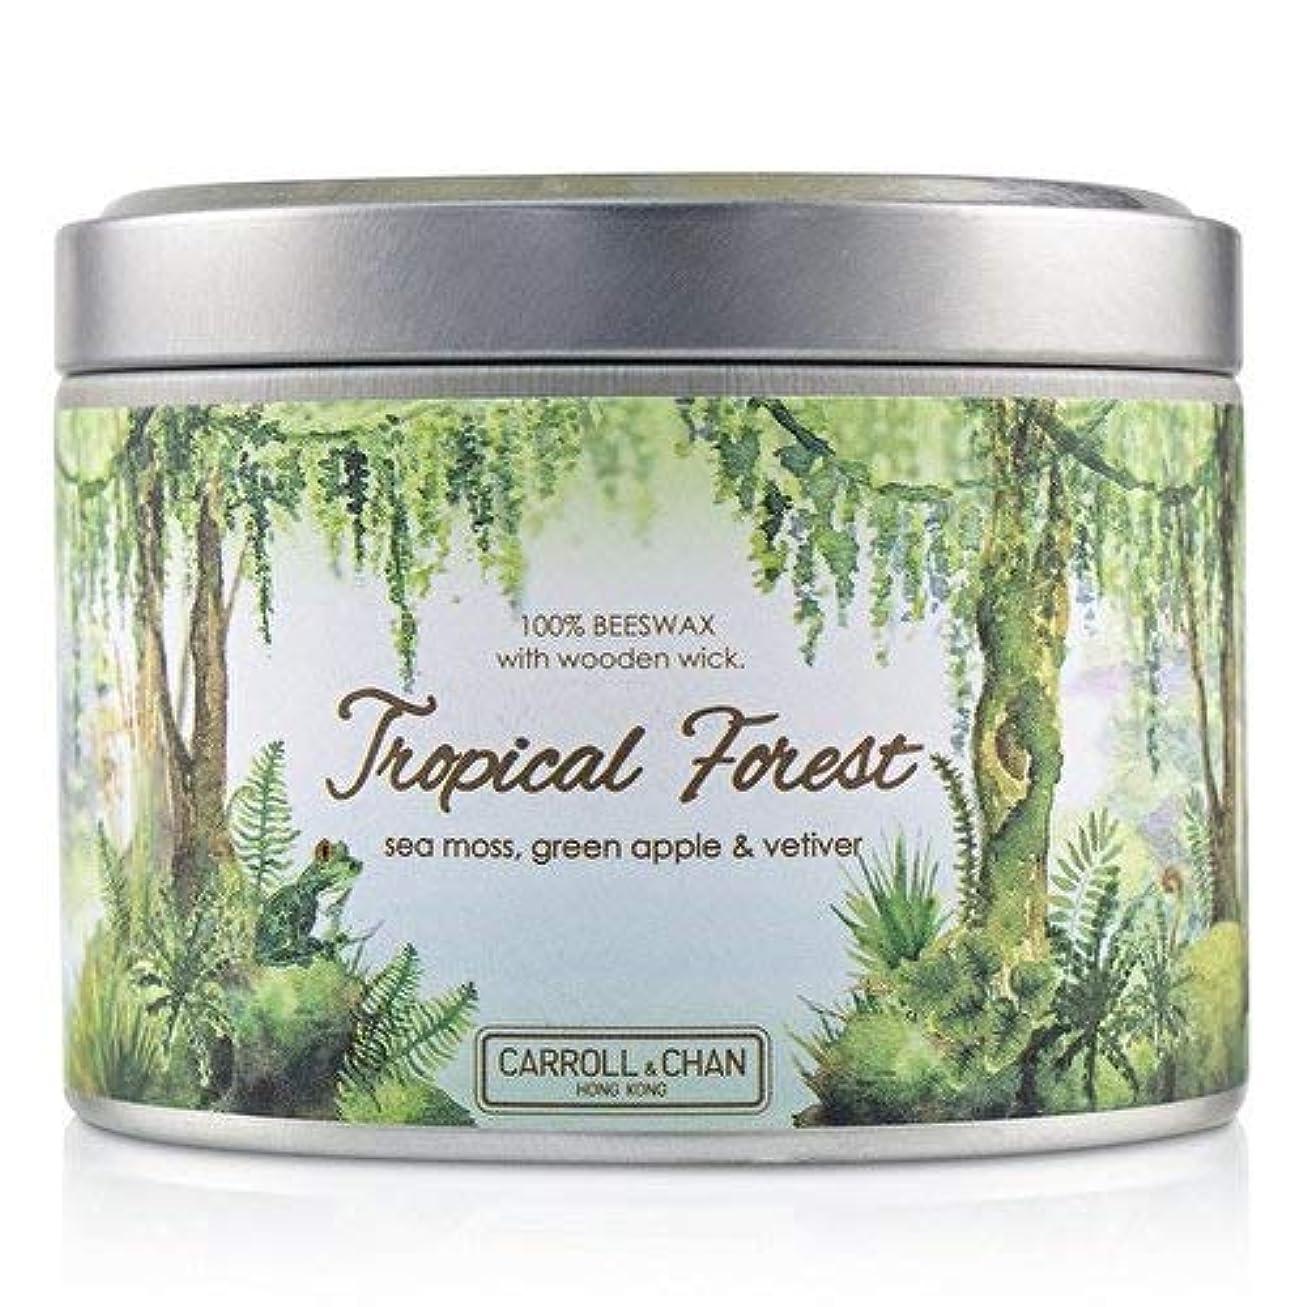 ソケットかわすルビーキャンドル?カンパニー Tin Can 100% Beeswax Candle with Wooden Wick - Tropical Forest (8x5) cm並行輸入品